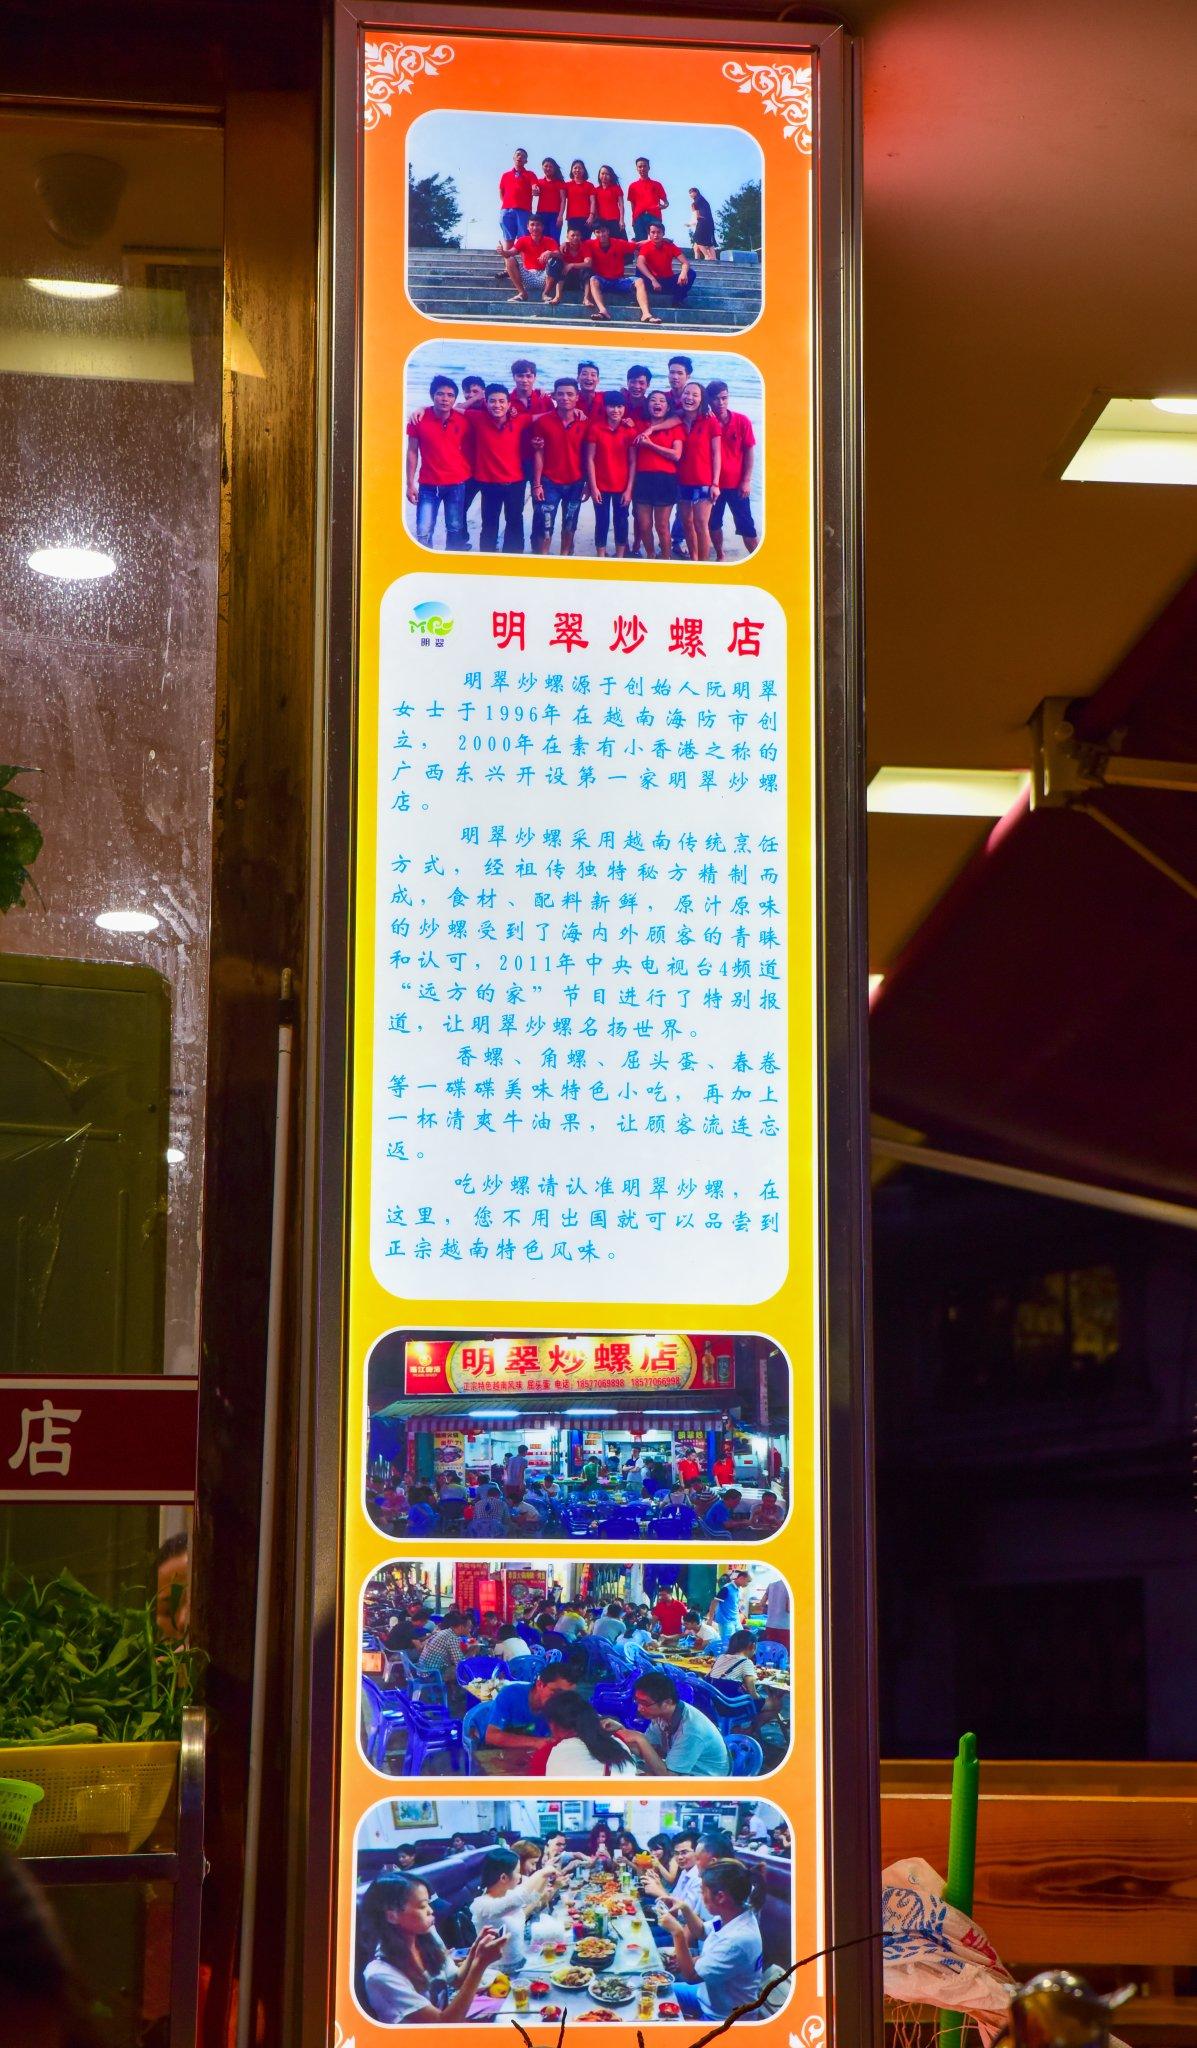 2018明翠炒螺店美食餐厅,视频老鼠极具金卡特美食一家越南这是大战图片